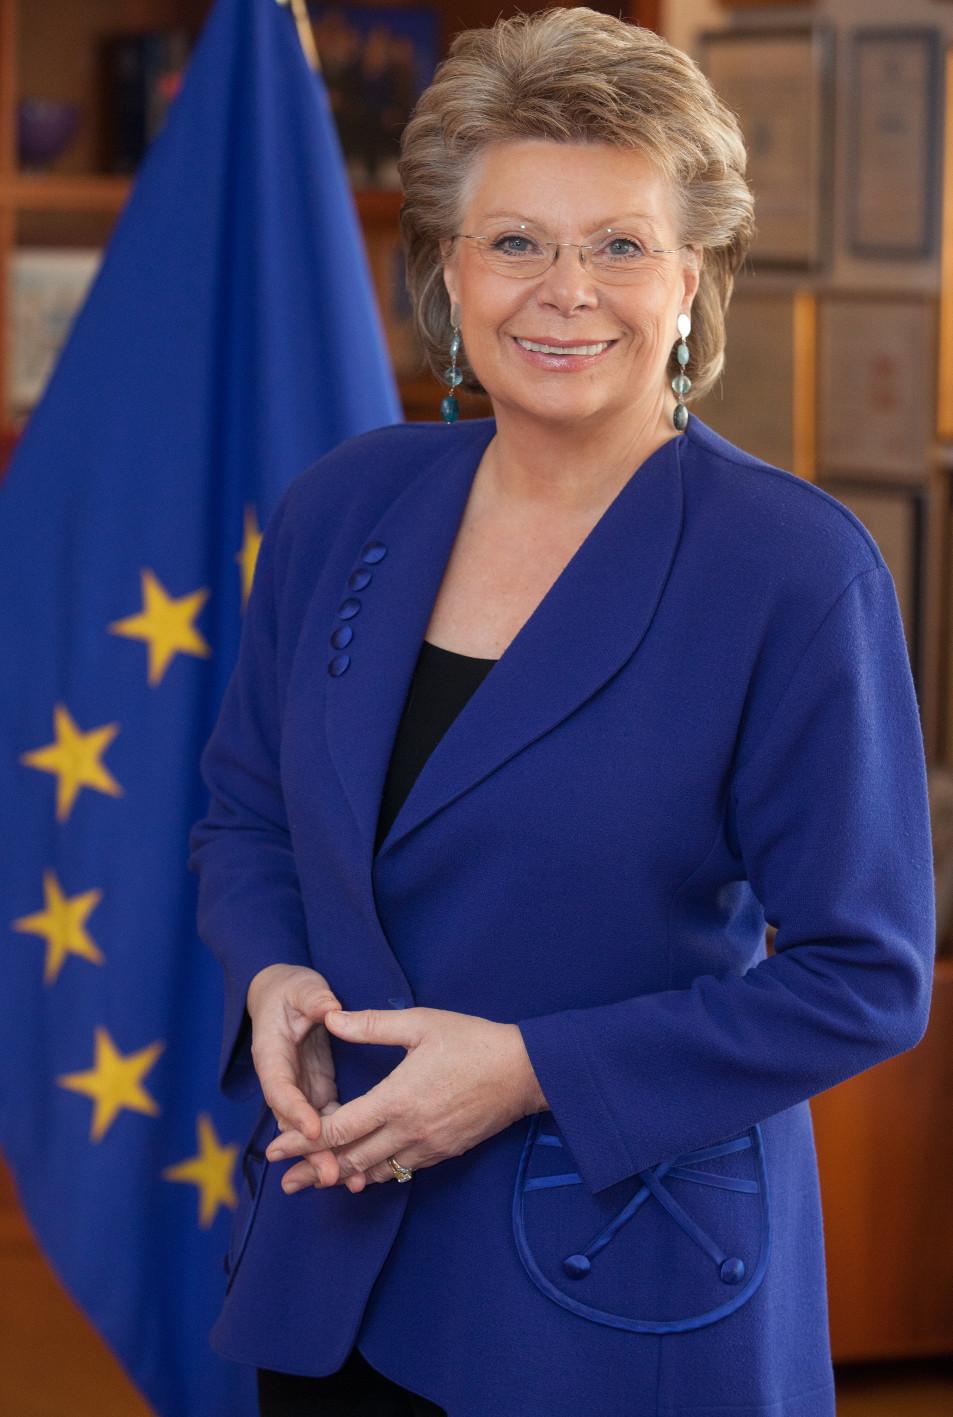 Viviane Reding Keynote Speakers Bureau And Speaking Fee